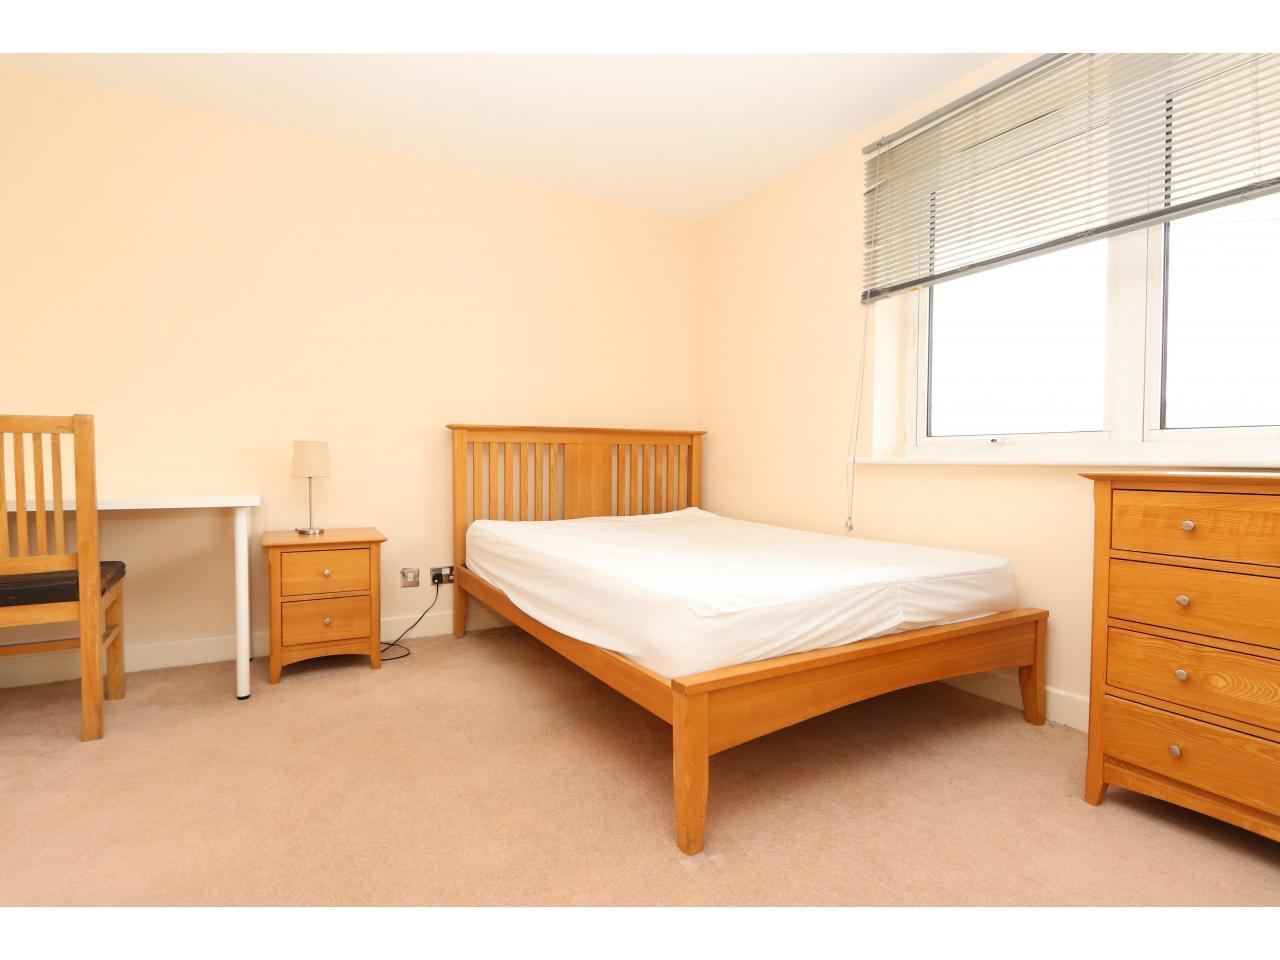 Приватная резиденция - Большая комната с балконом - 3